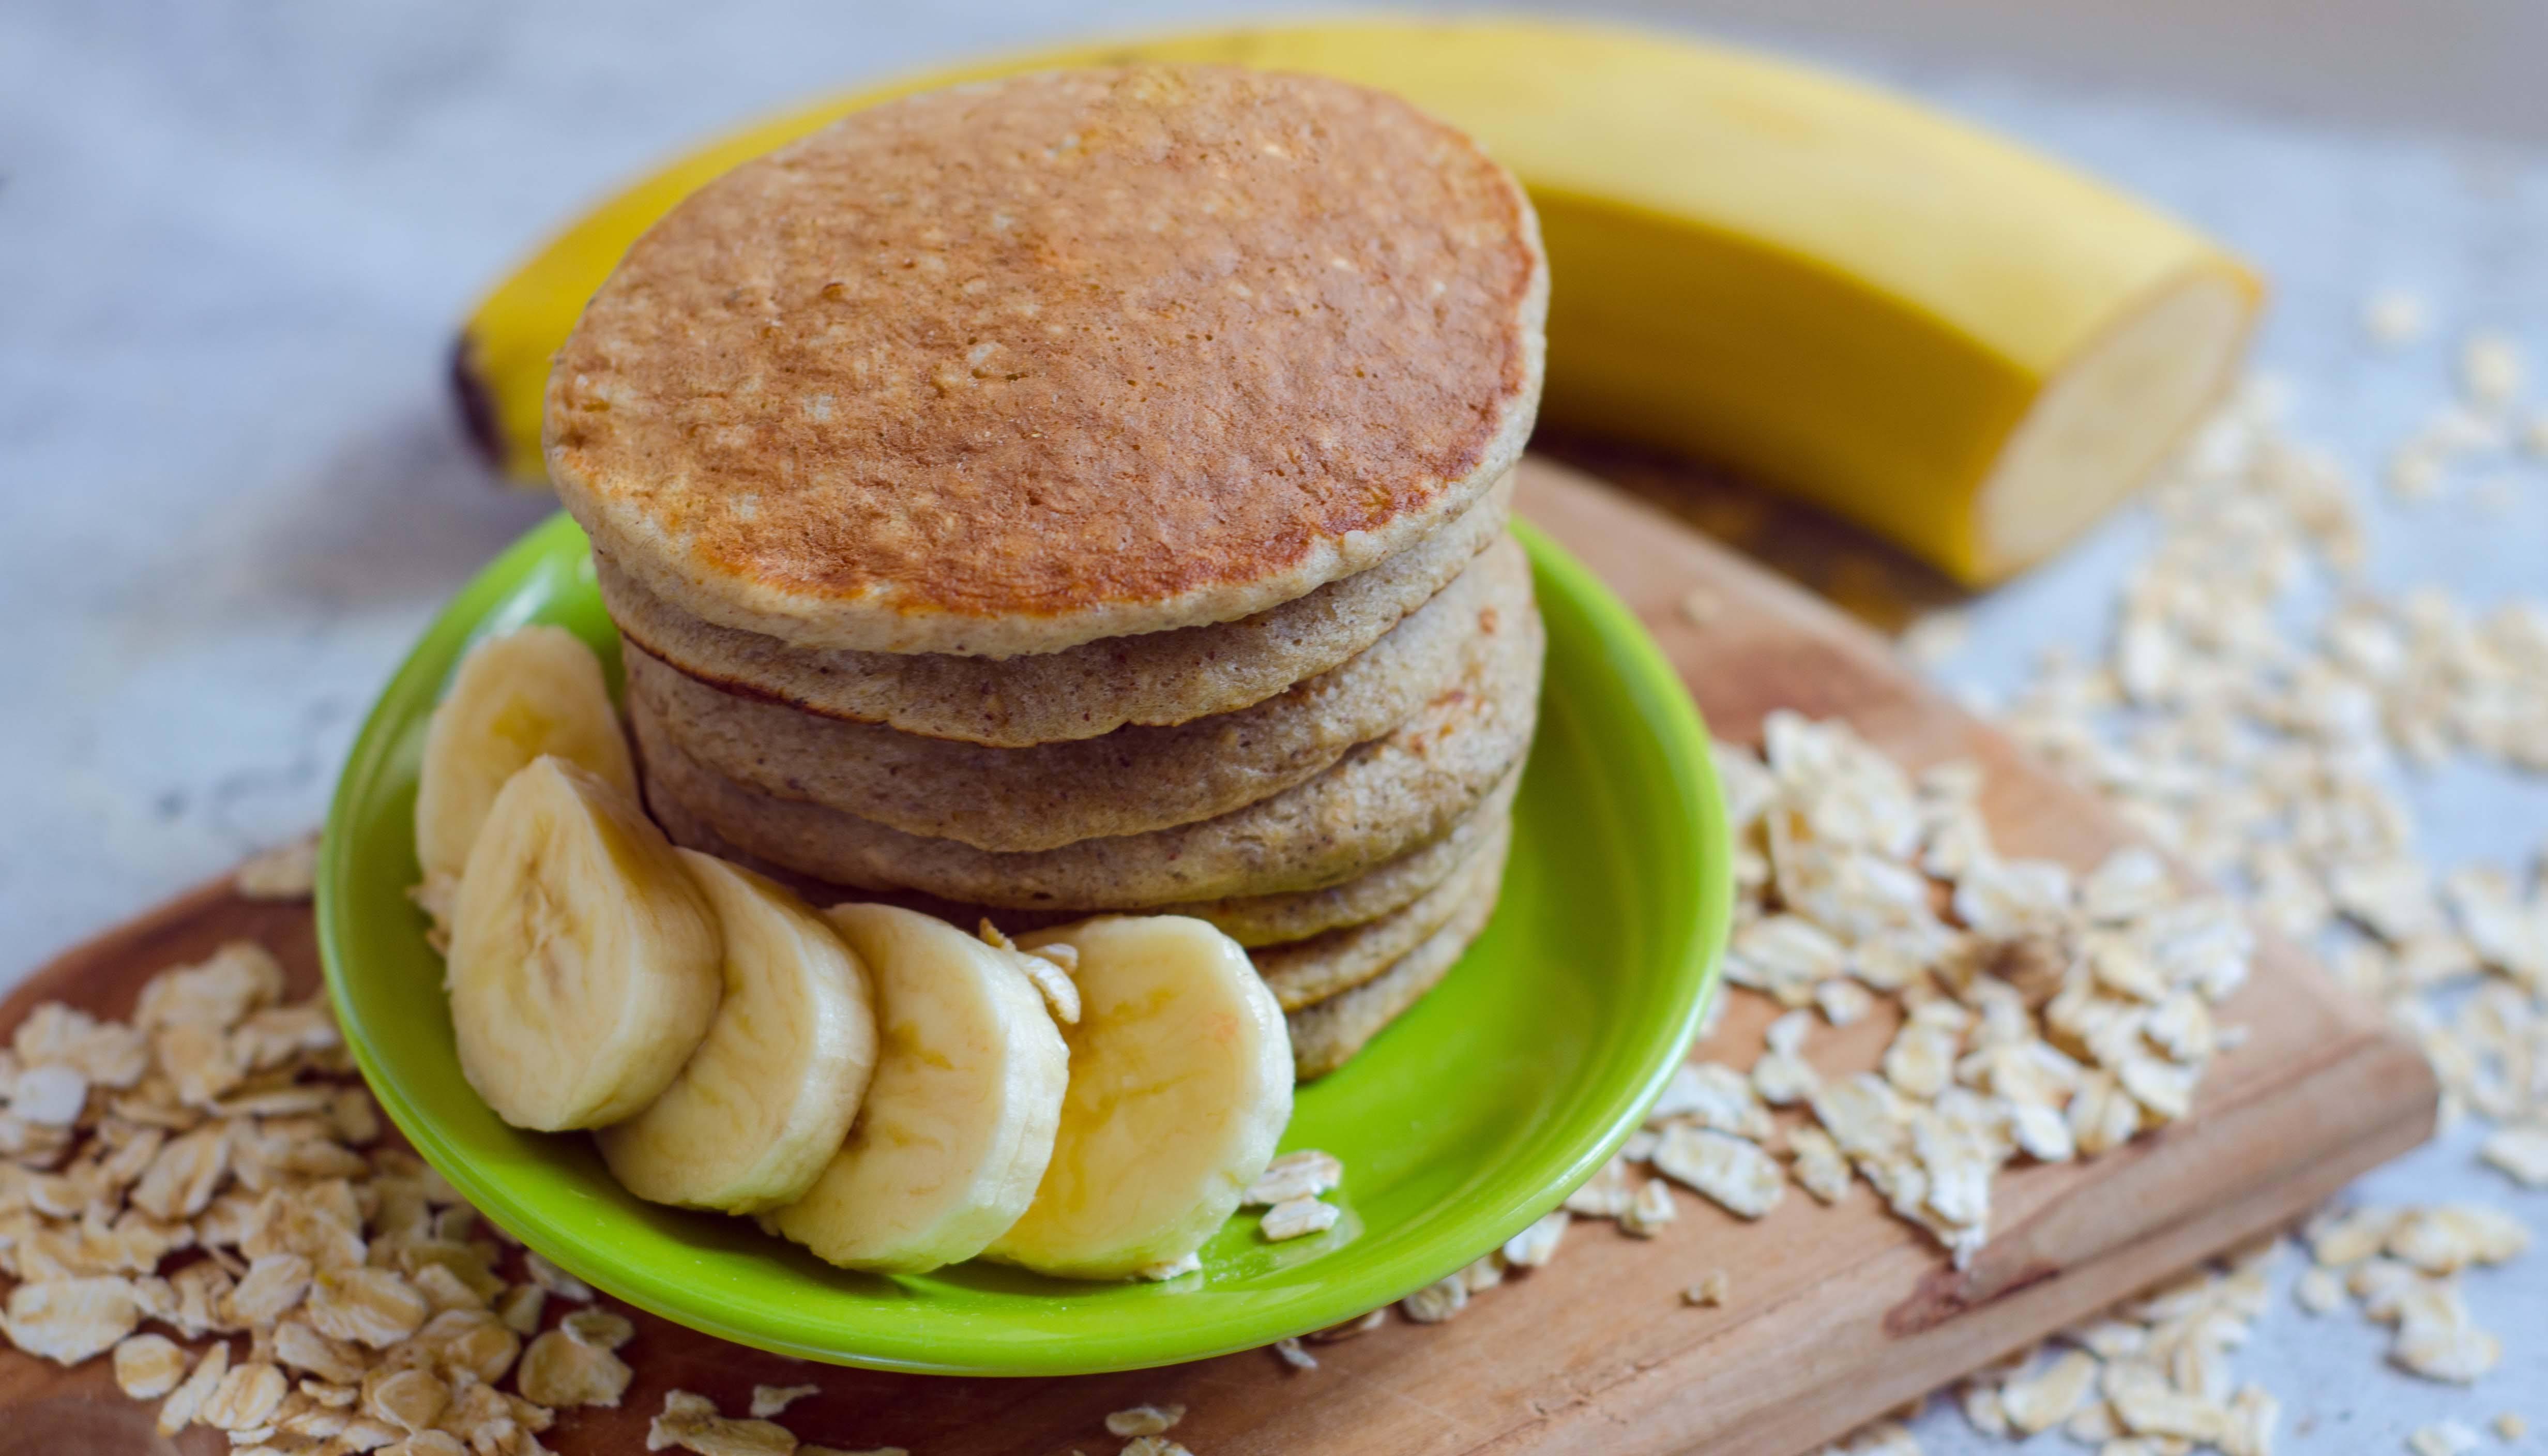 Banana pancake stack and banana slices